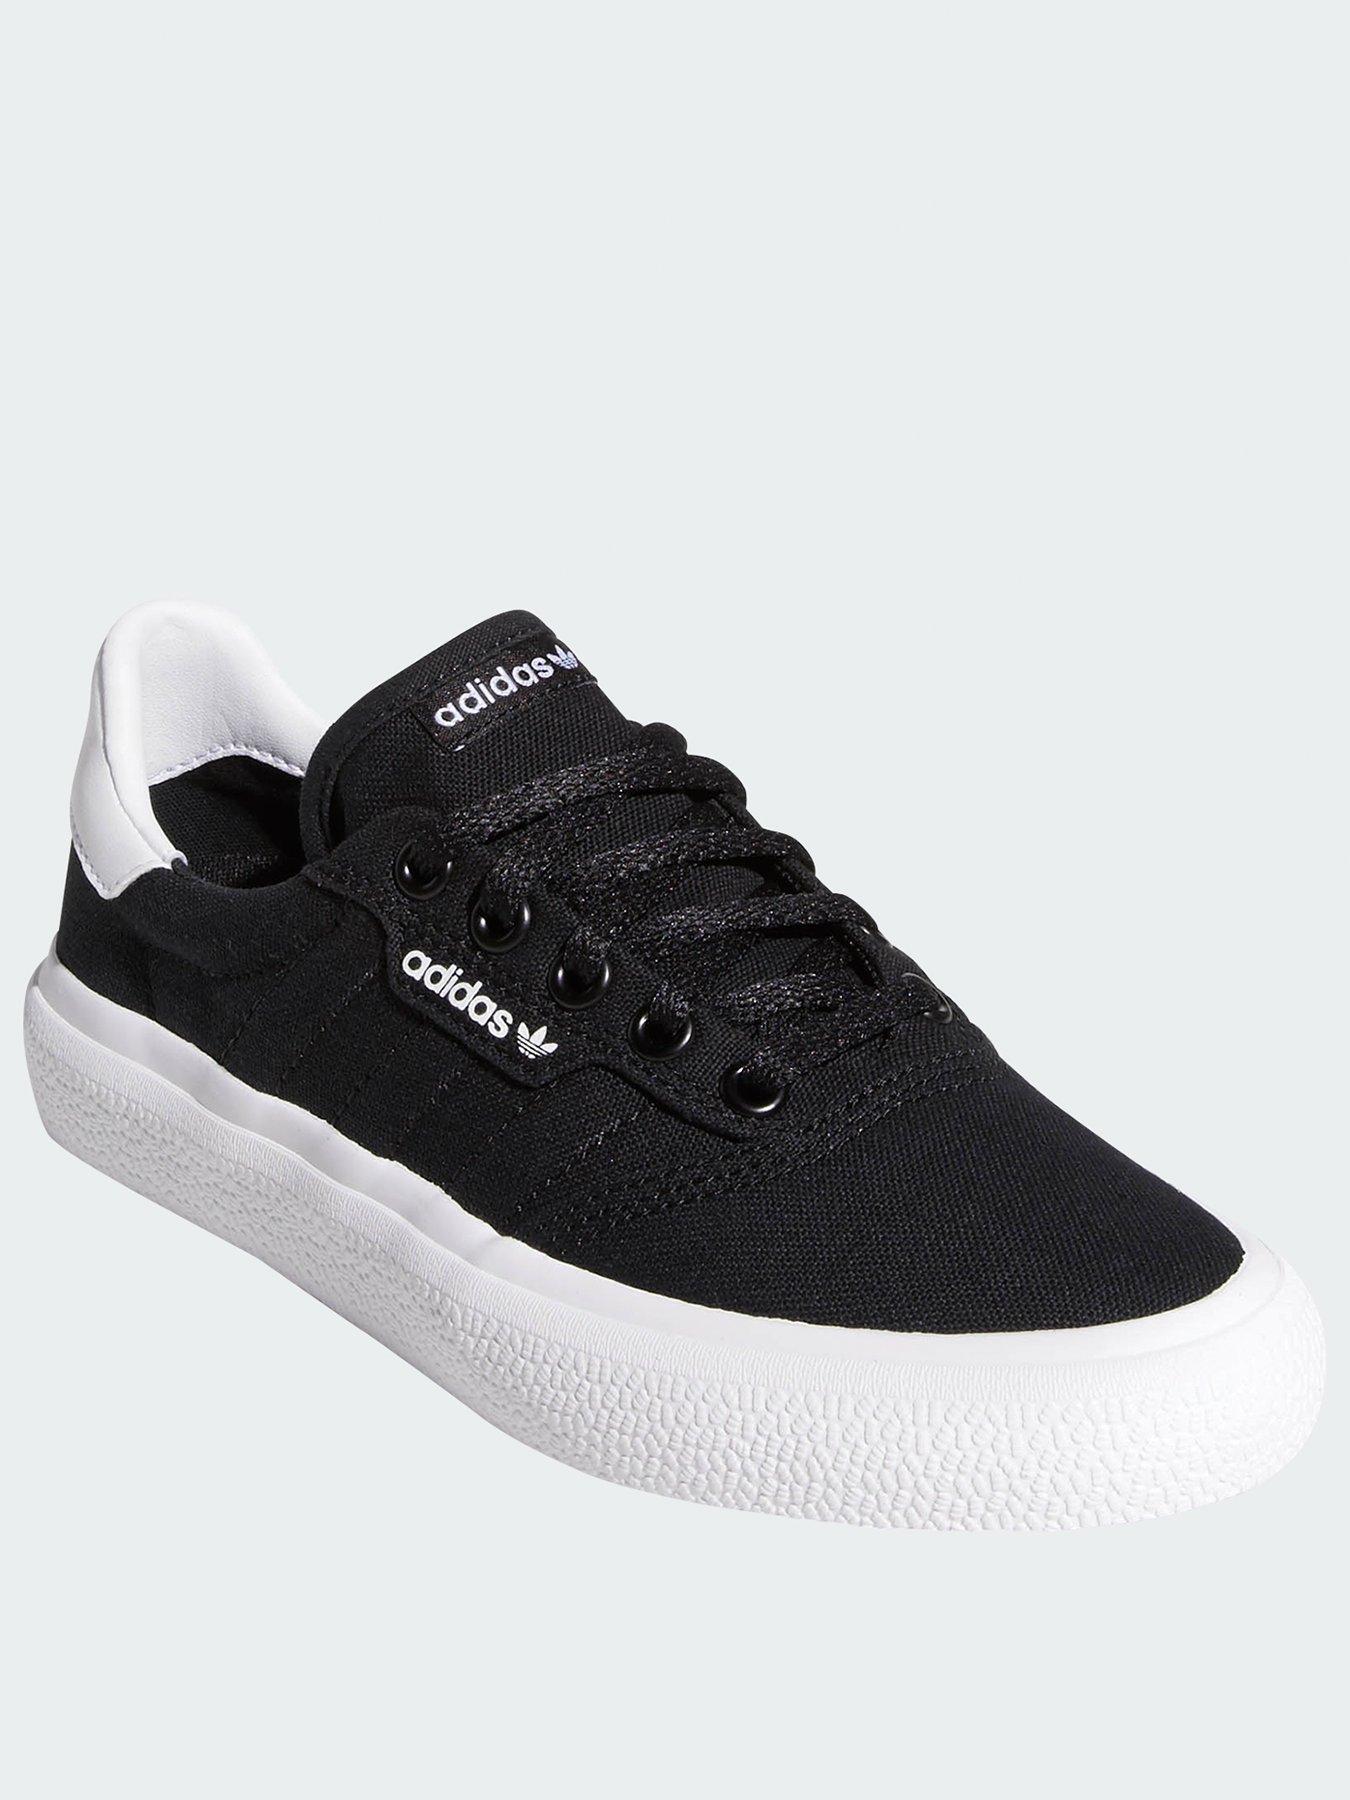 adidas Originals 3mc Junior Trainers